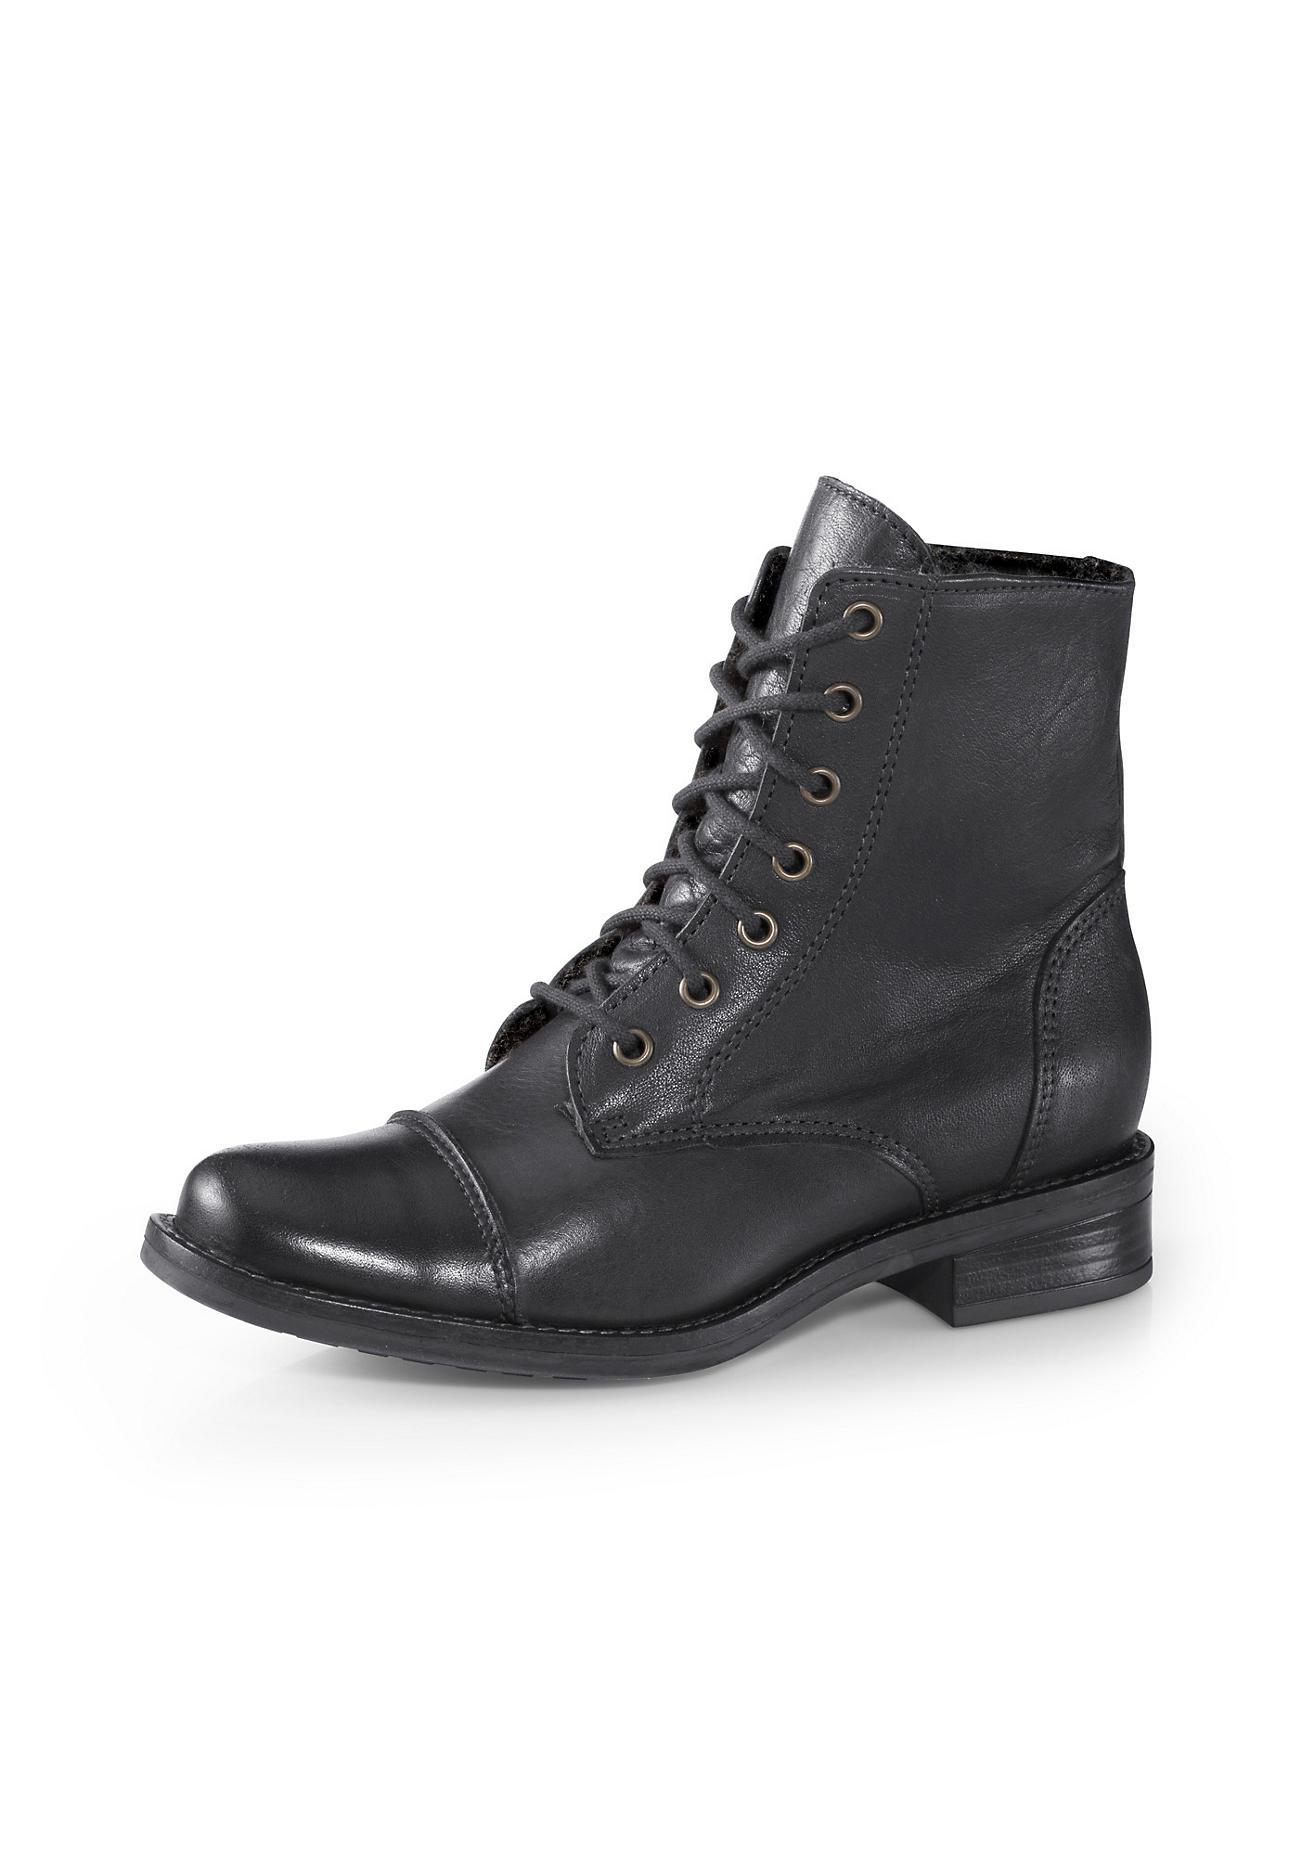 Stiefel - hessnatur Damen Damen Schnürstiefelette aus Leder – schwarz –  - Onlineshop Hessnatur